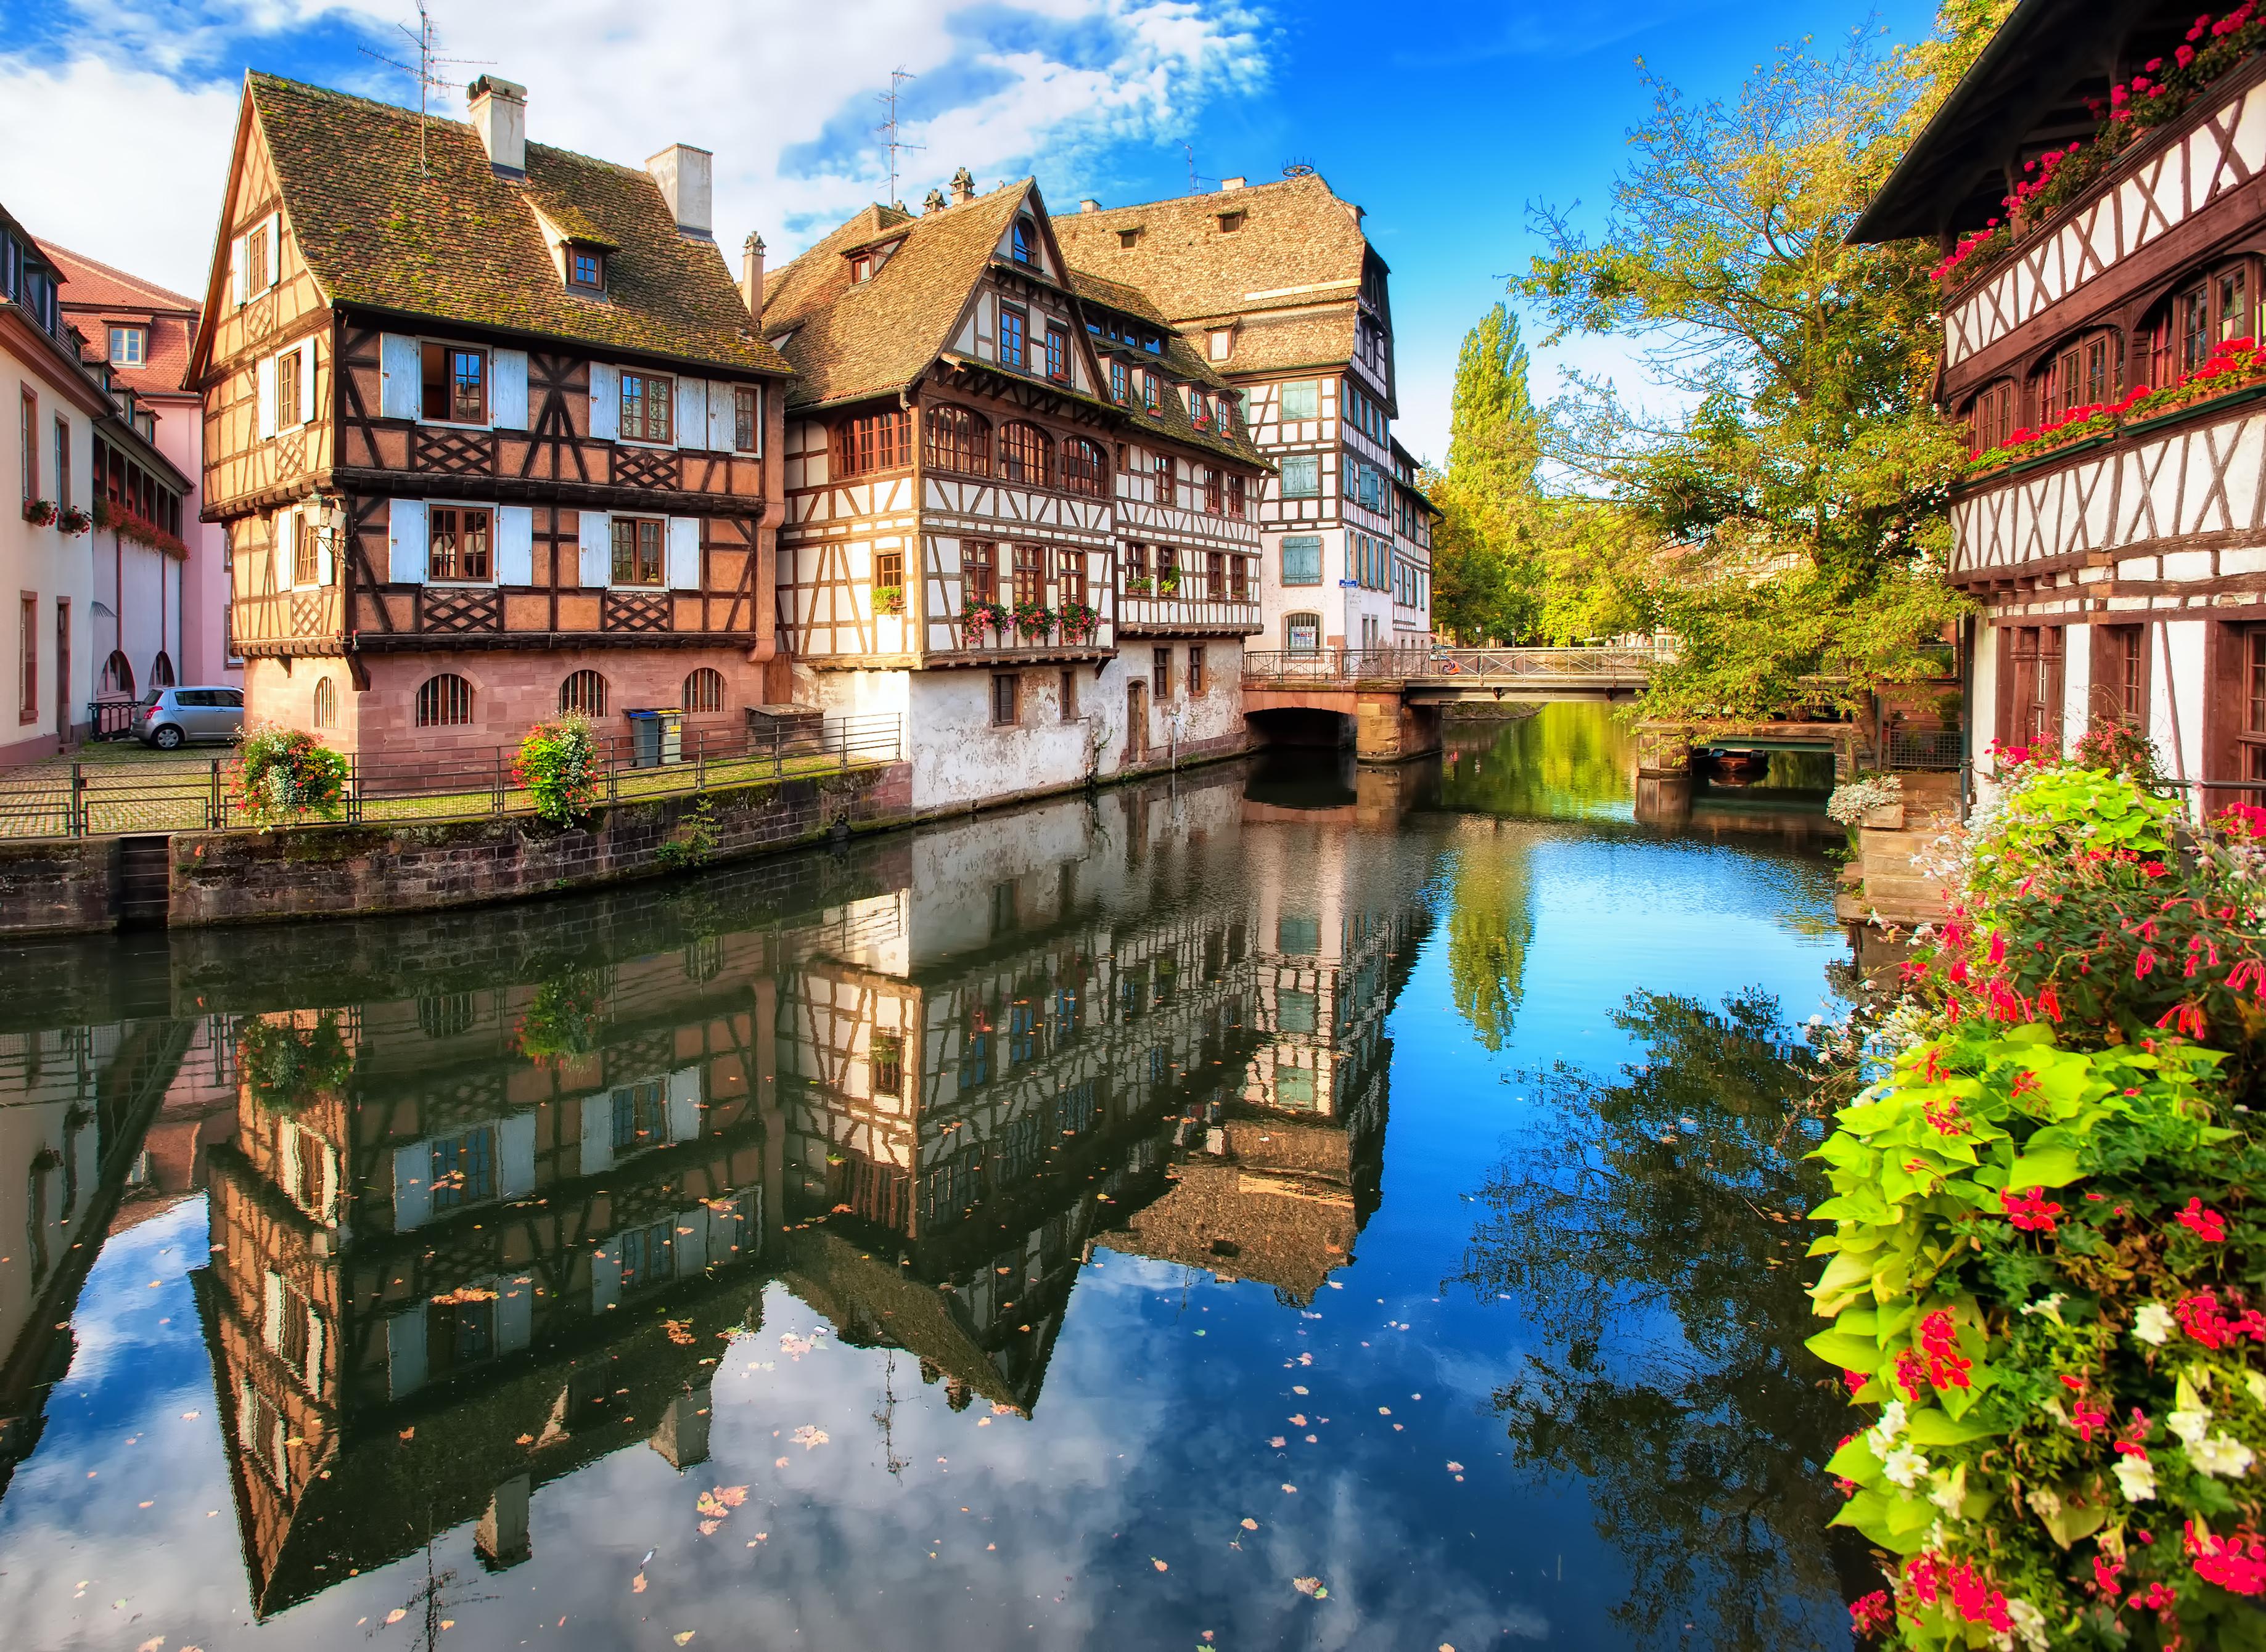 Descubre el corazón de Estrasburgo a golpe de pedalada - Alemania Circuito Lo Mejor de la Selva Negra